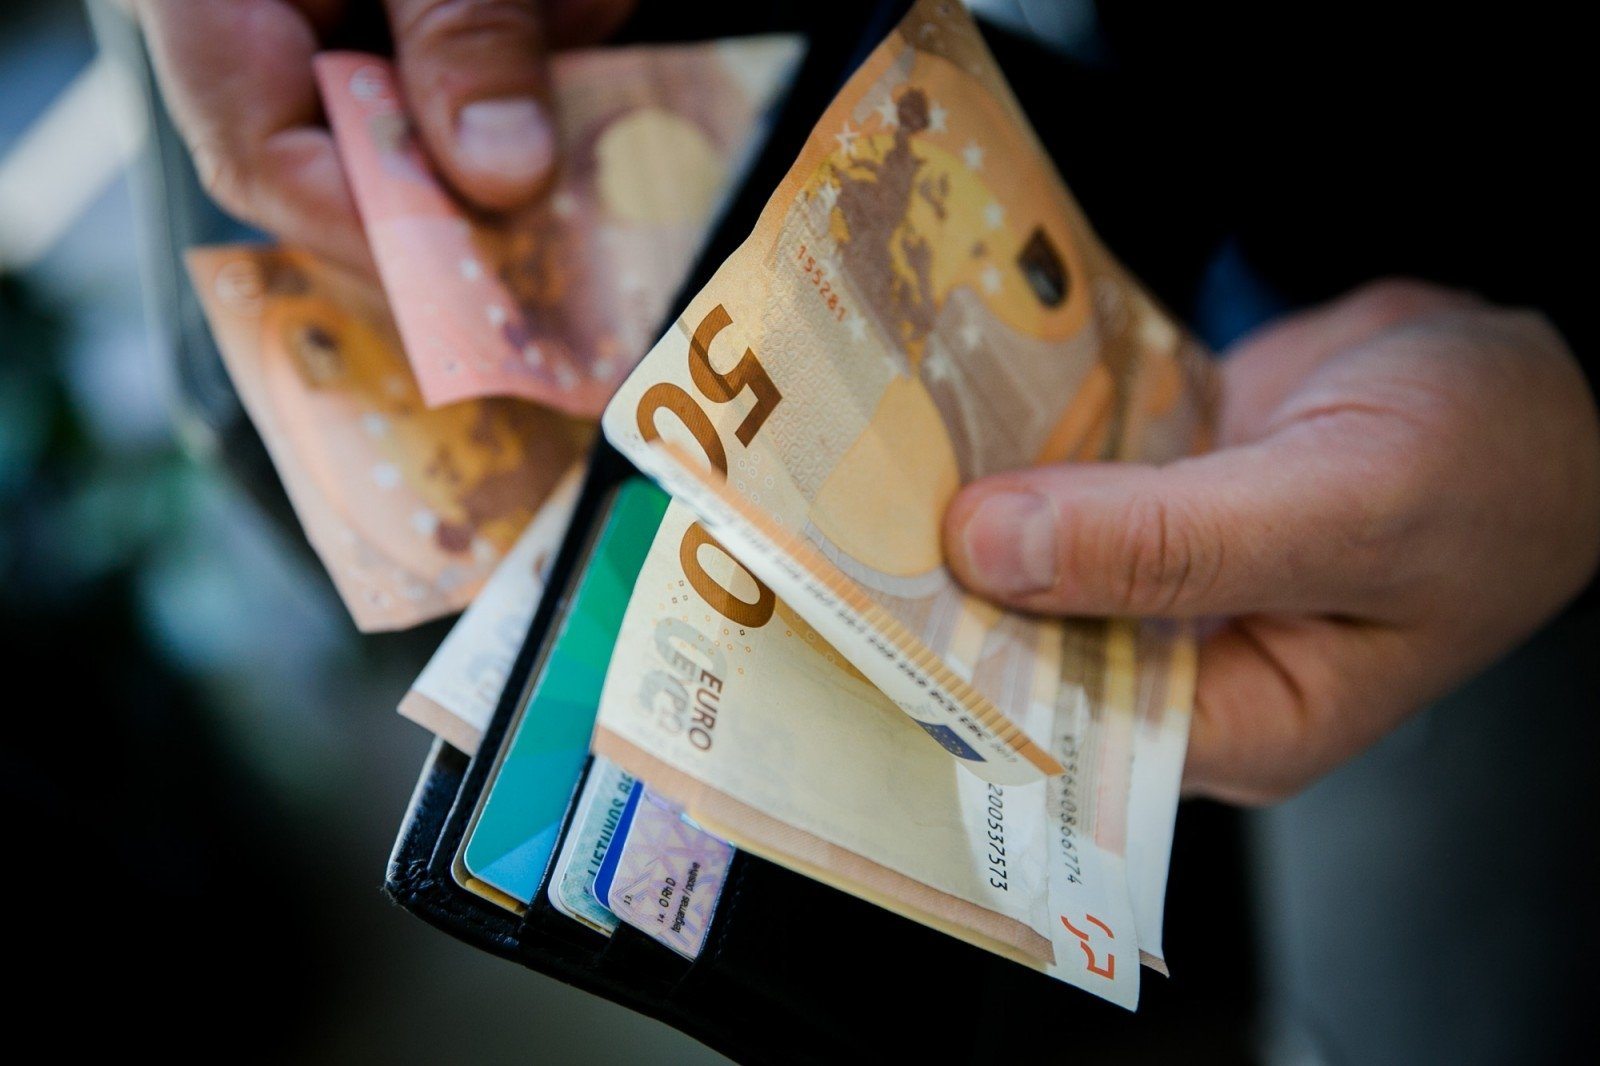 Ar norite uždirbti daug pinigų?, Originalios idėjos, kaip uždirbti daugiau pinigų - DELFI Darbas